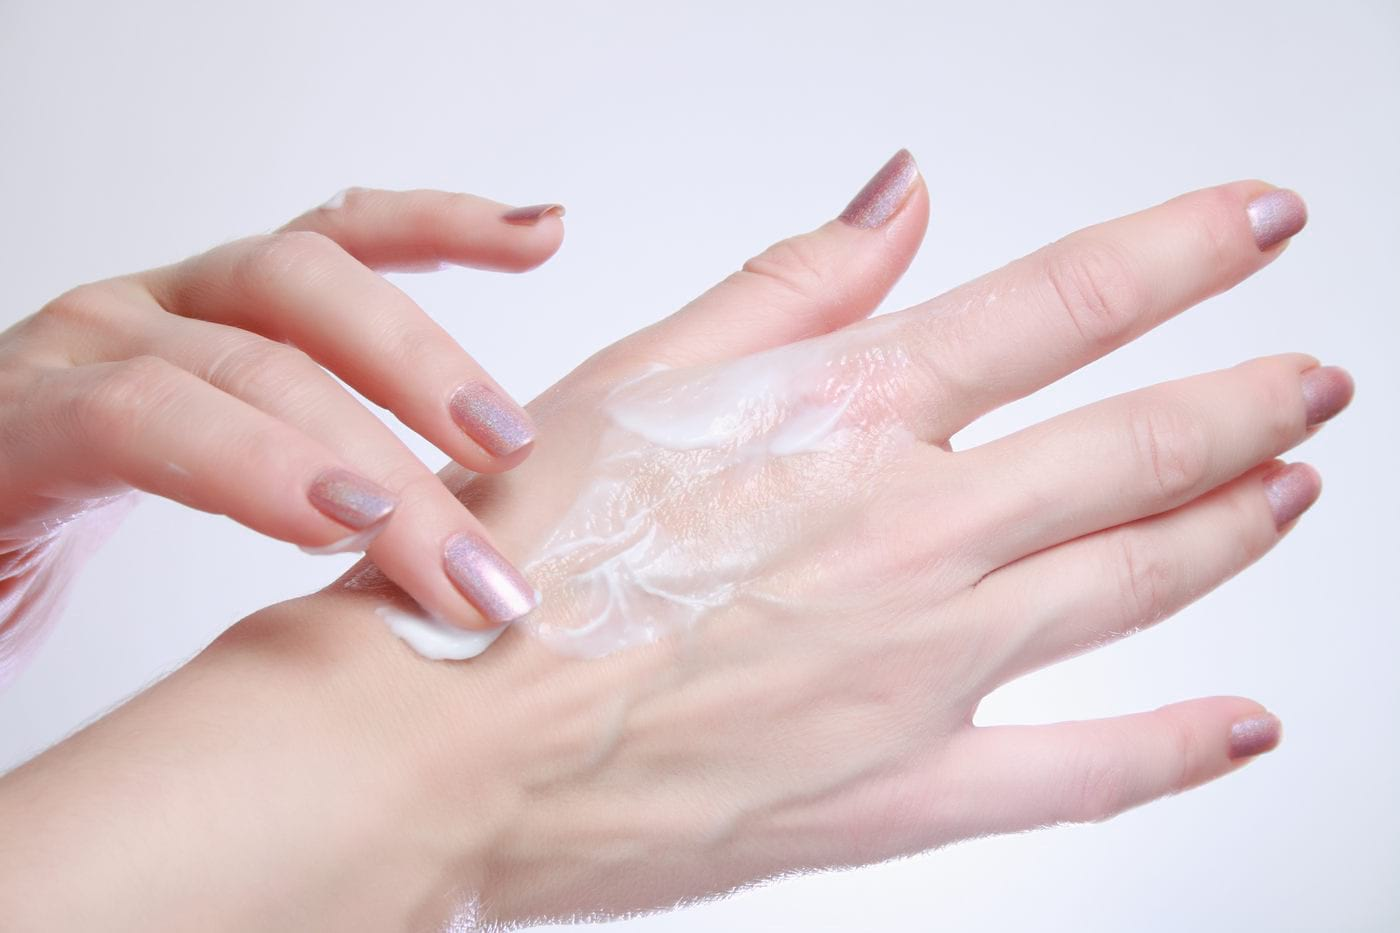 Ingrediente eficiente pentru hidratarea pielii uscate a mâinilor